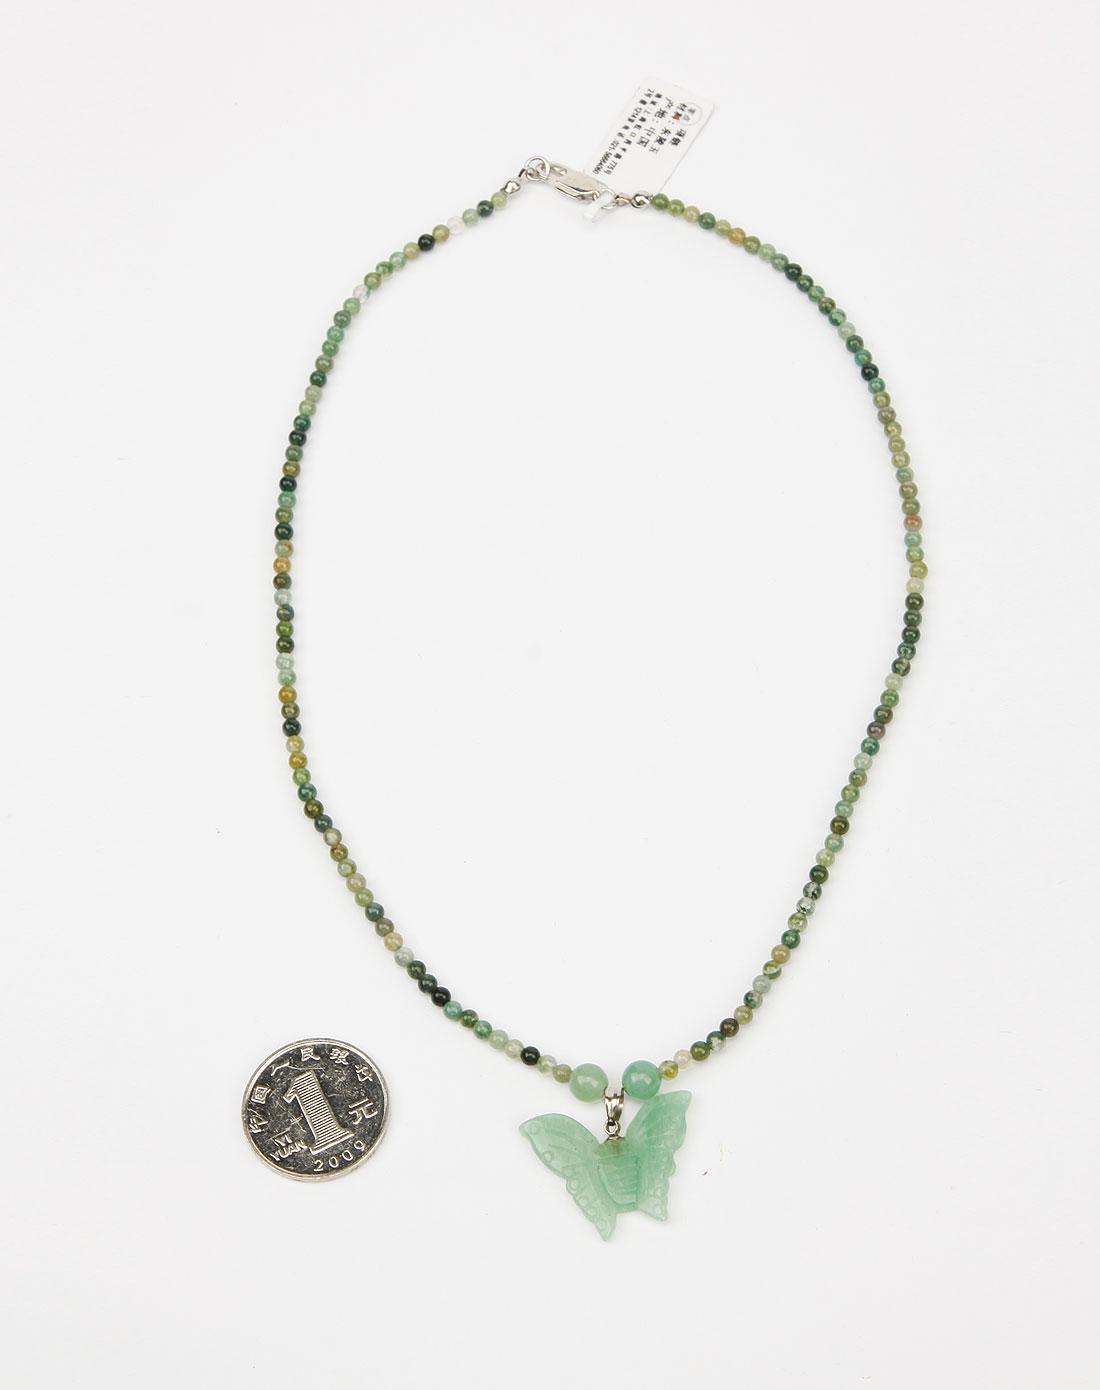 绿色东陵玉项链